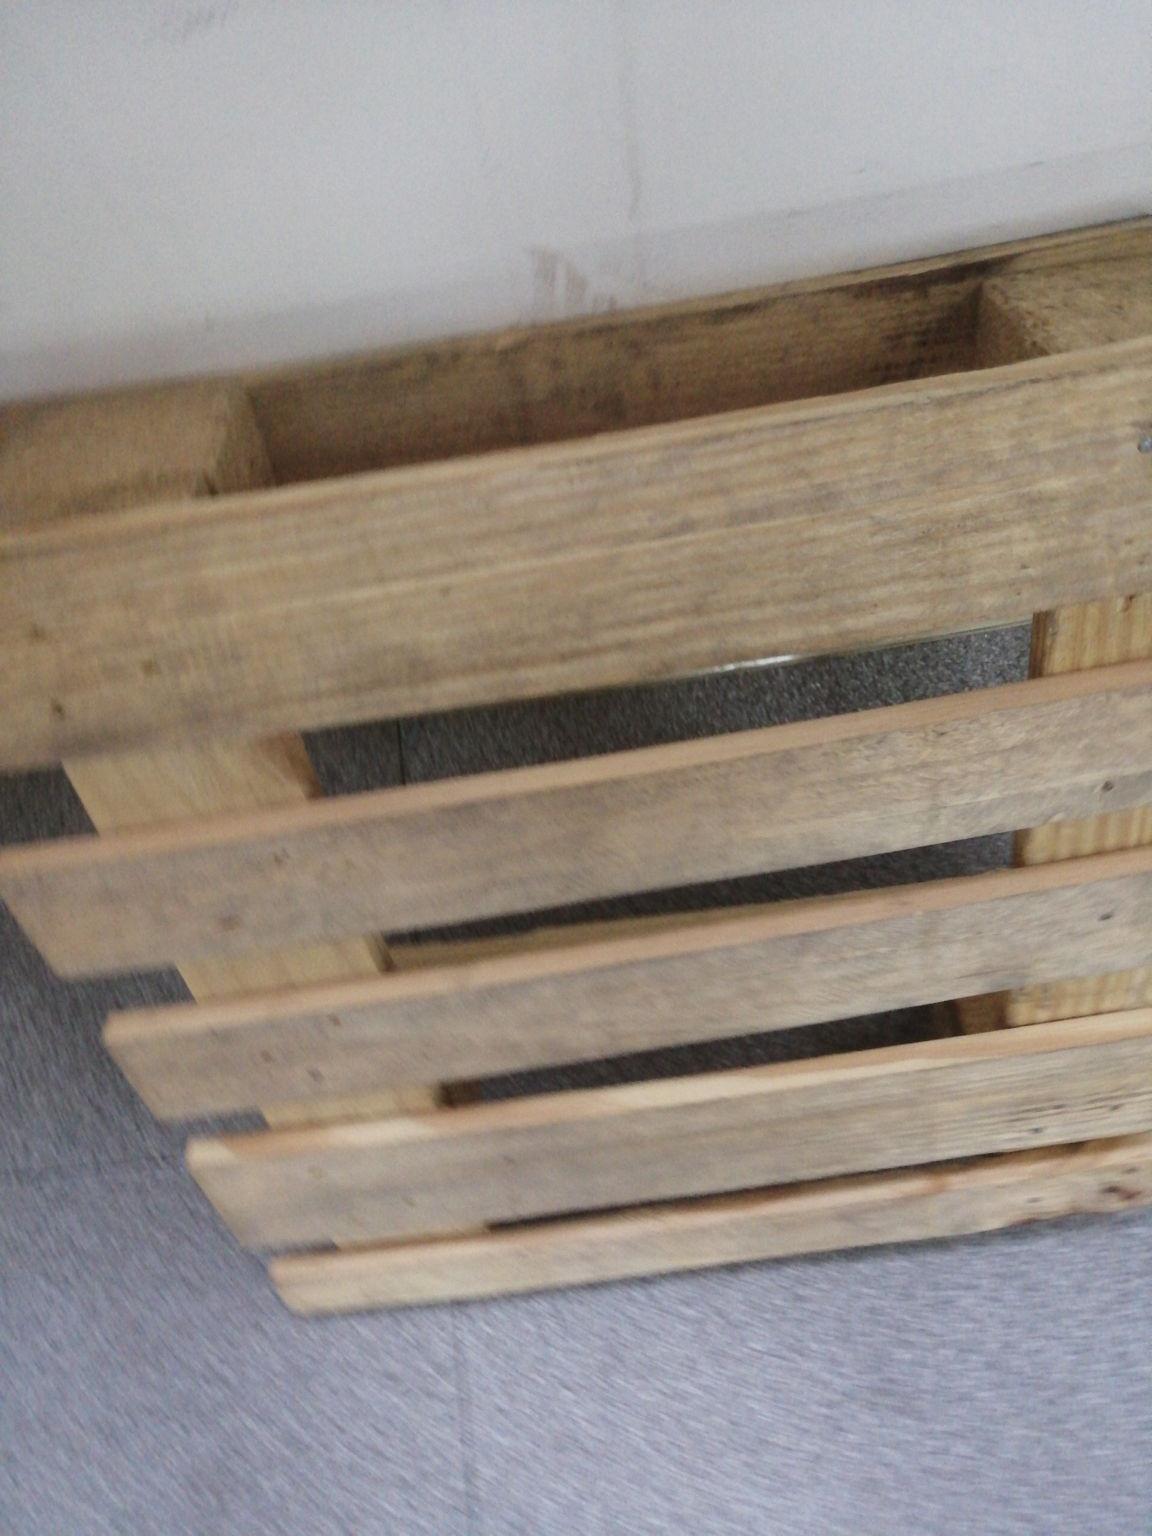 360度旋转抓木料机价??,ⓐ&,ユ⇖=宝?,✐◥ヷ?抓木机厂家直销威海抓木机